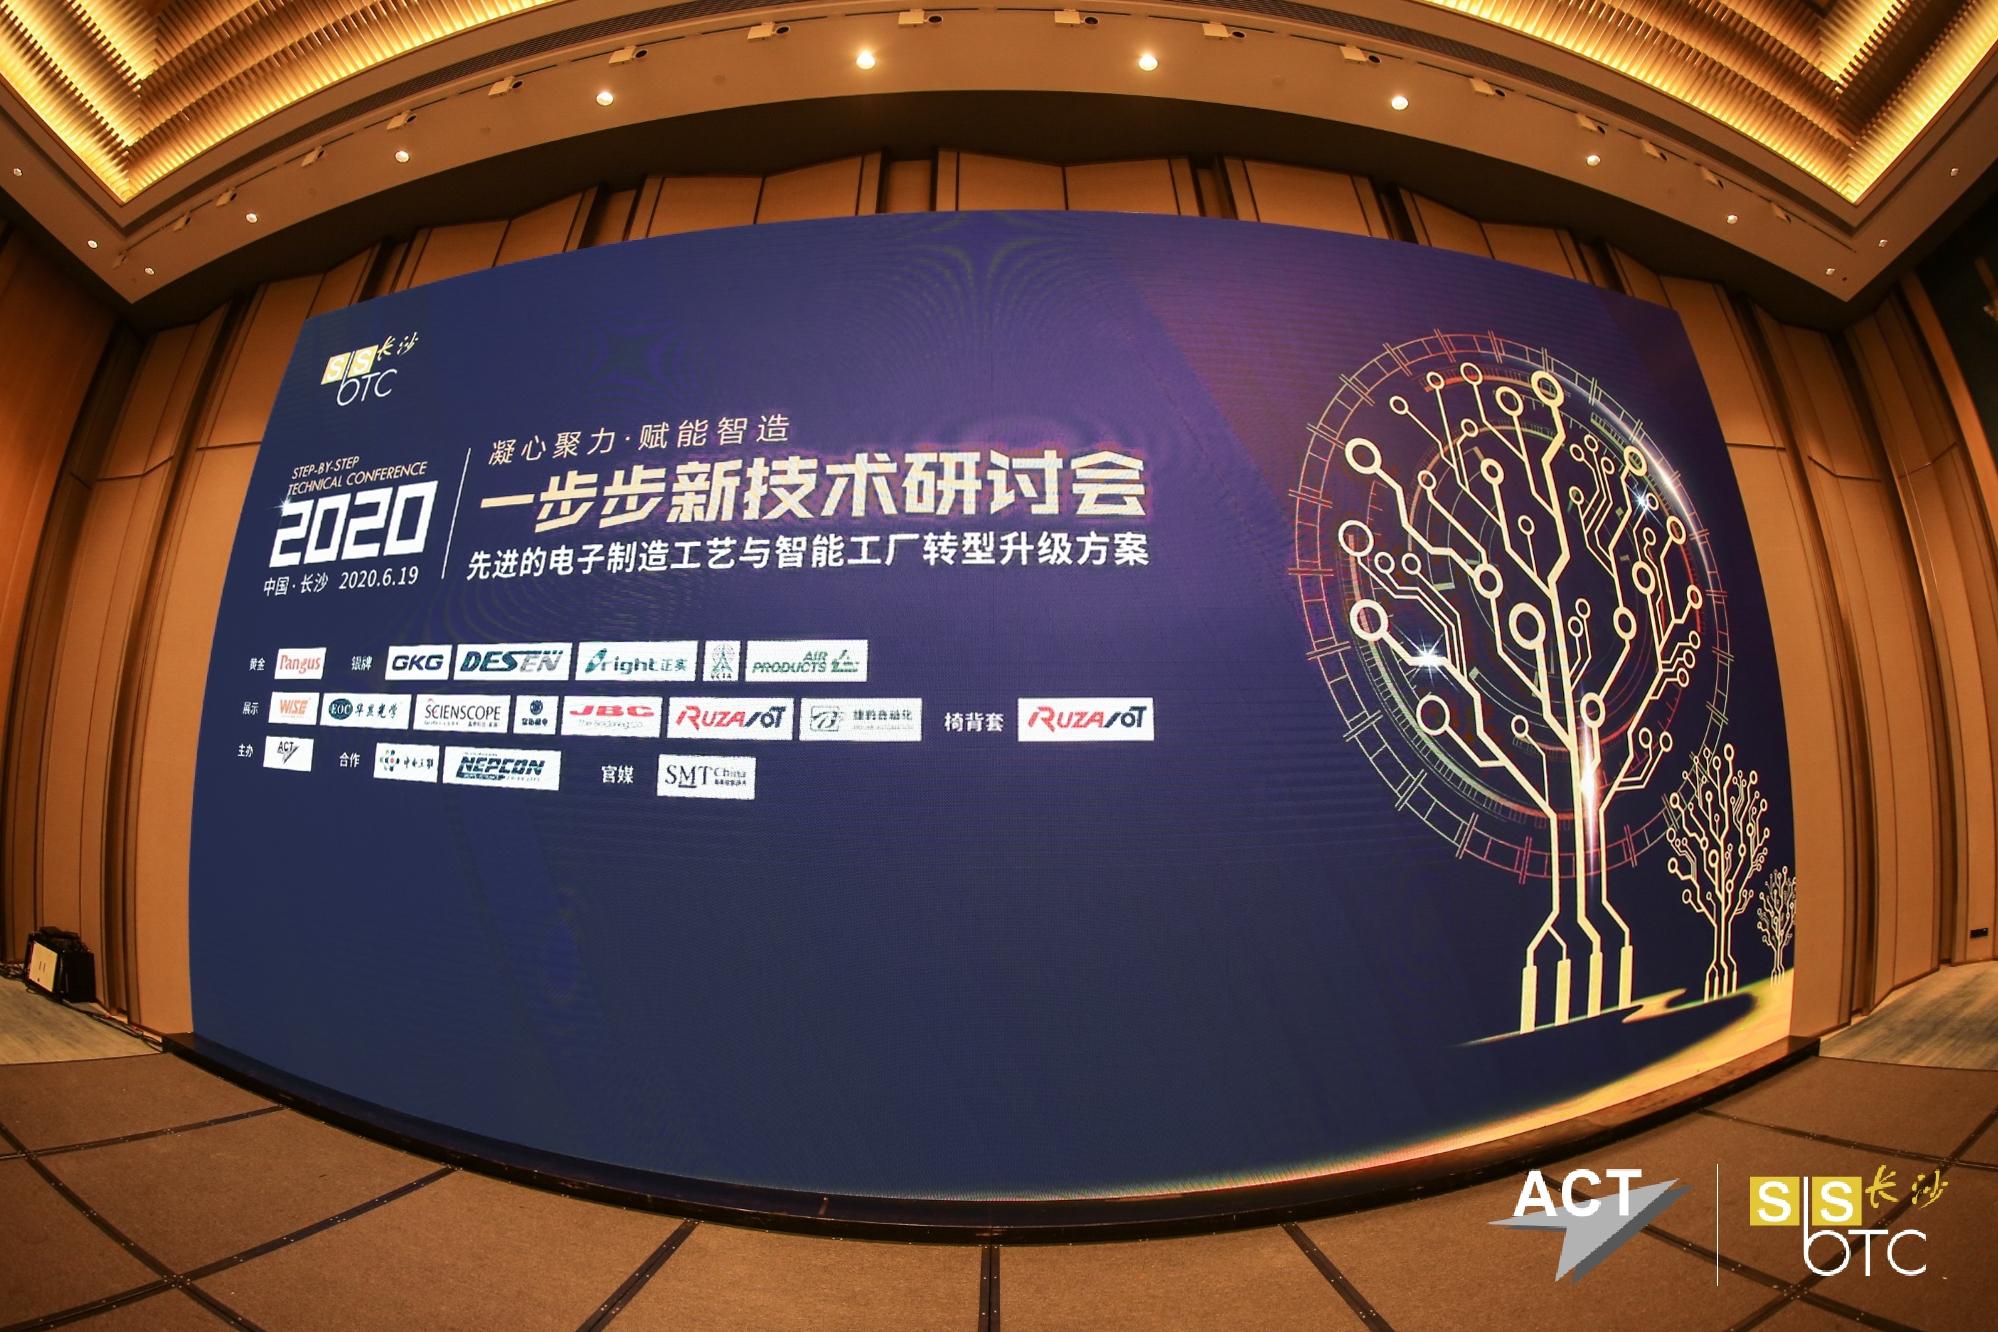 SbSTC一步步新技术研讨会.jpg